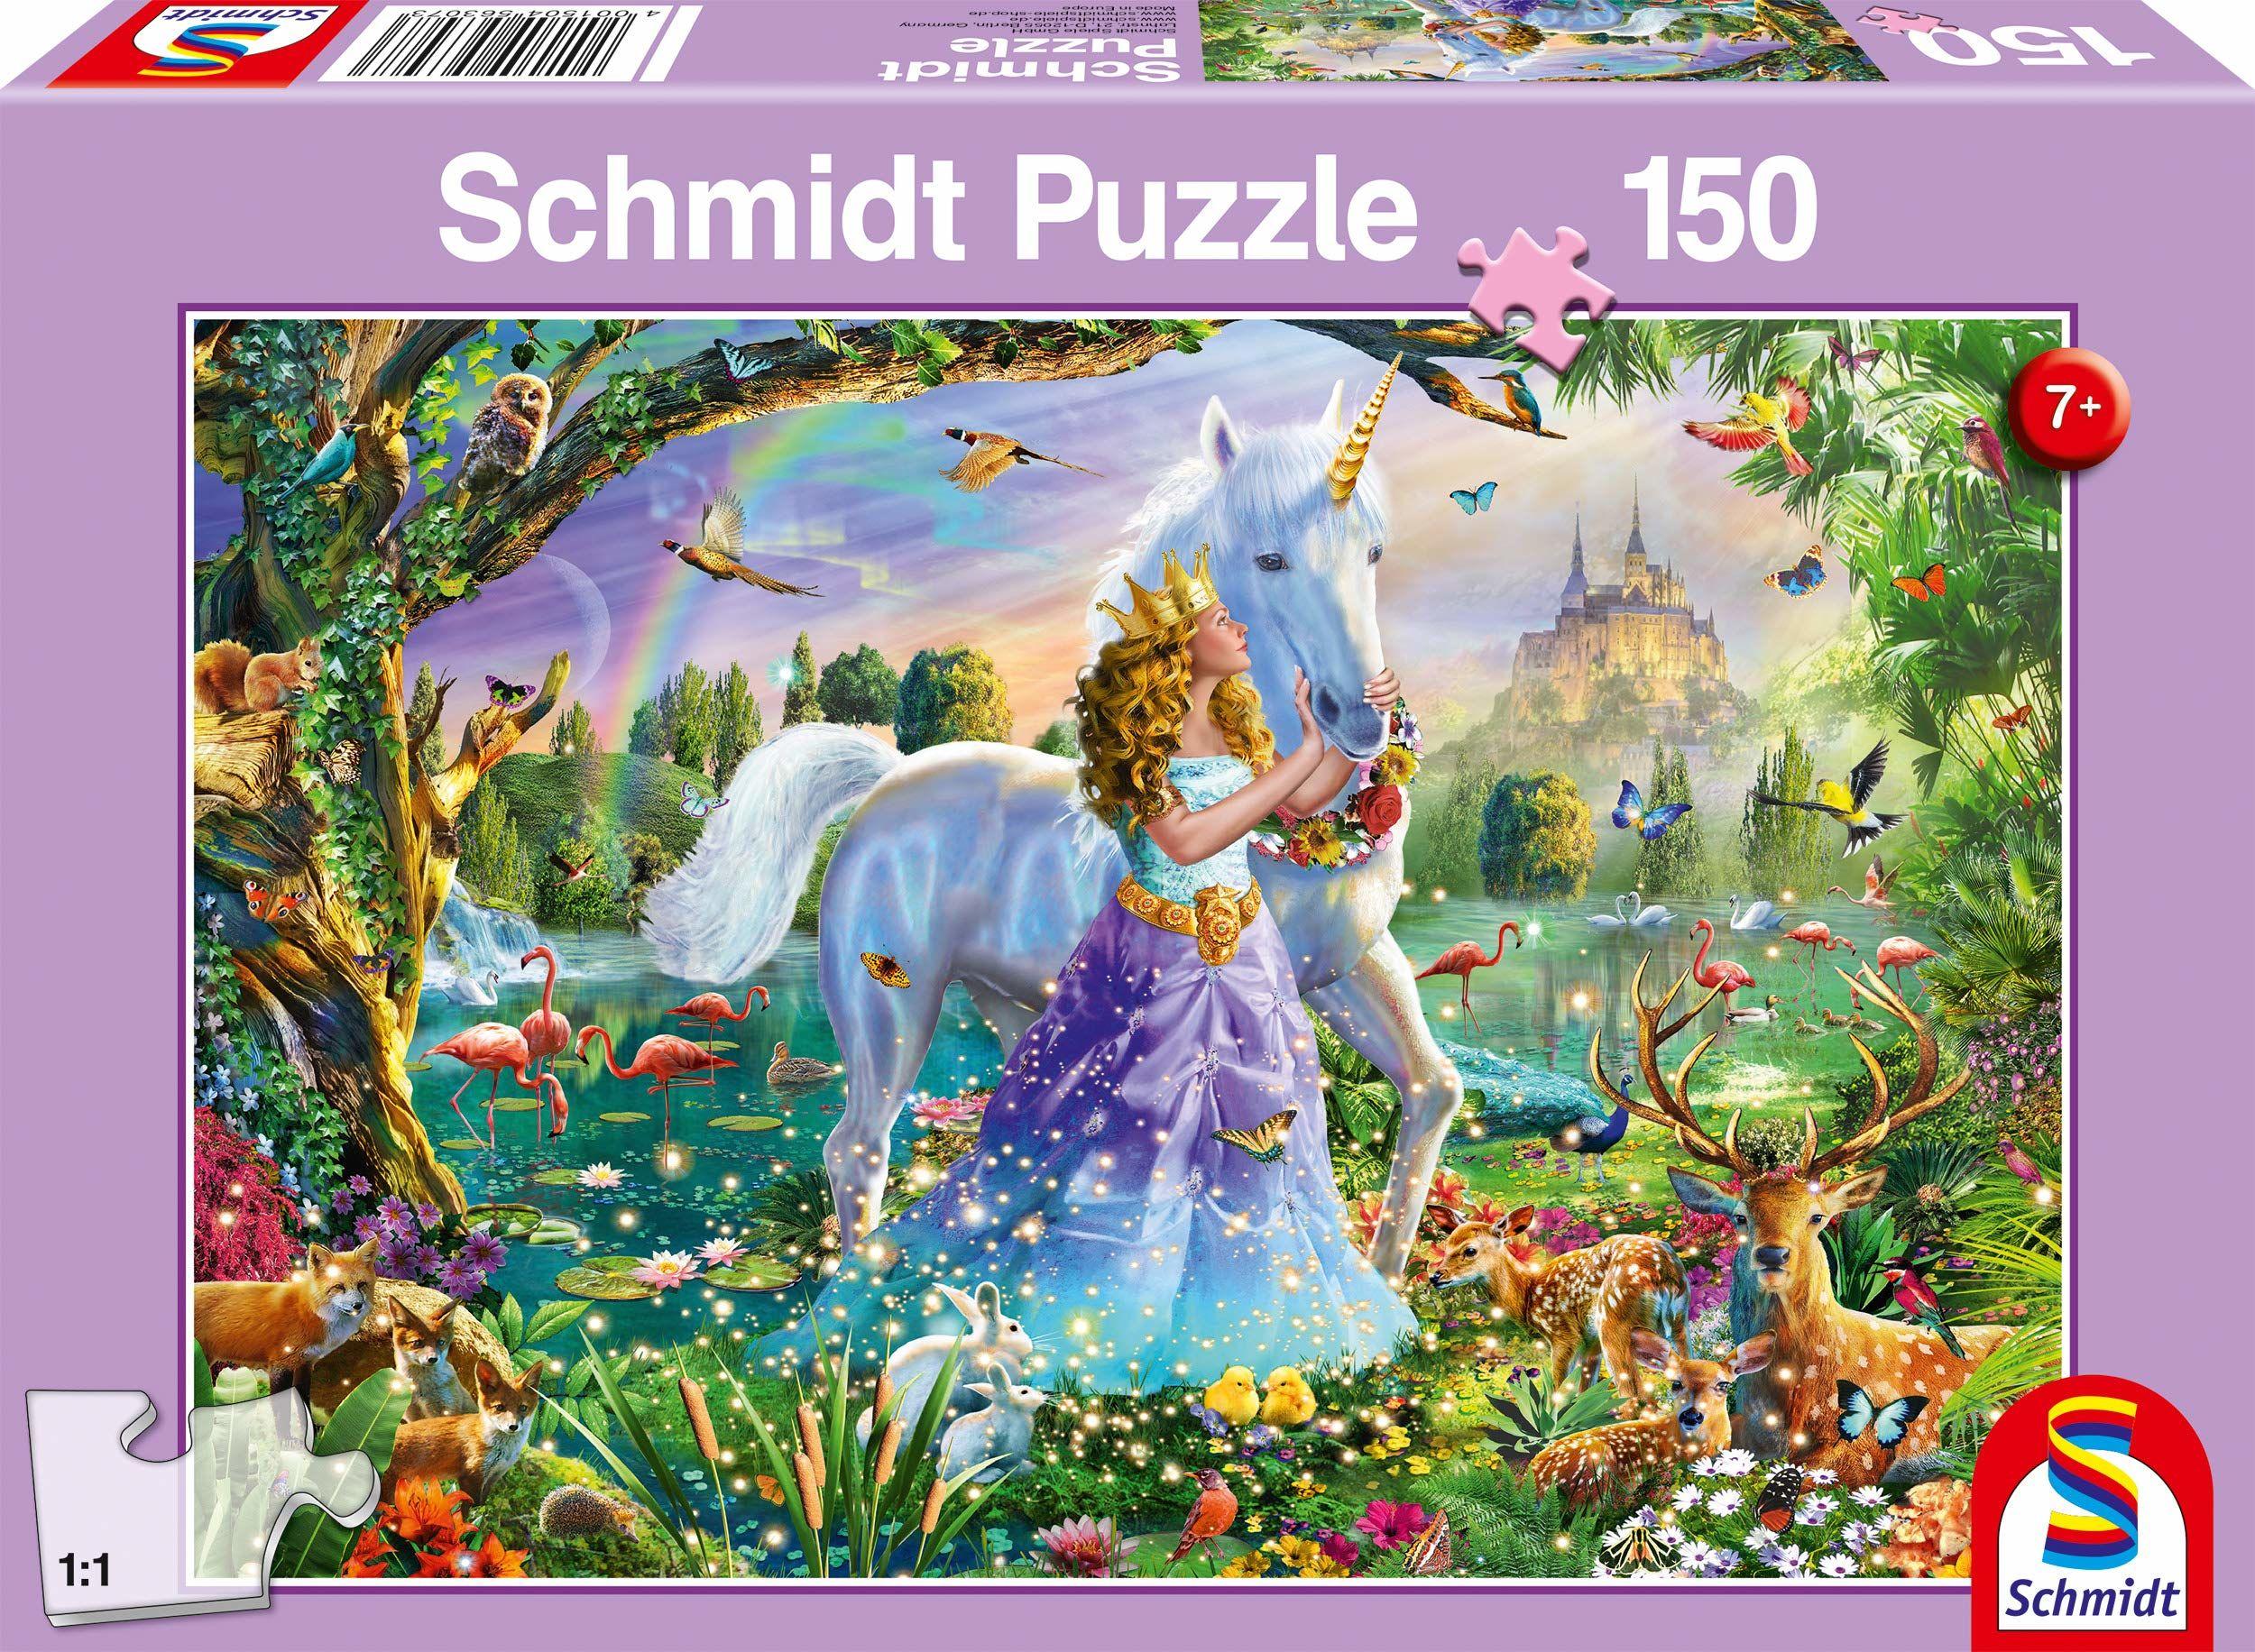 Schmidt Spiele 56307 Księżniczka z jednorożcem, 150 części puzzle